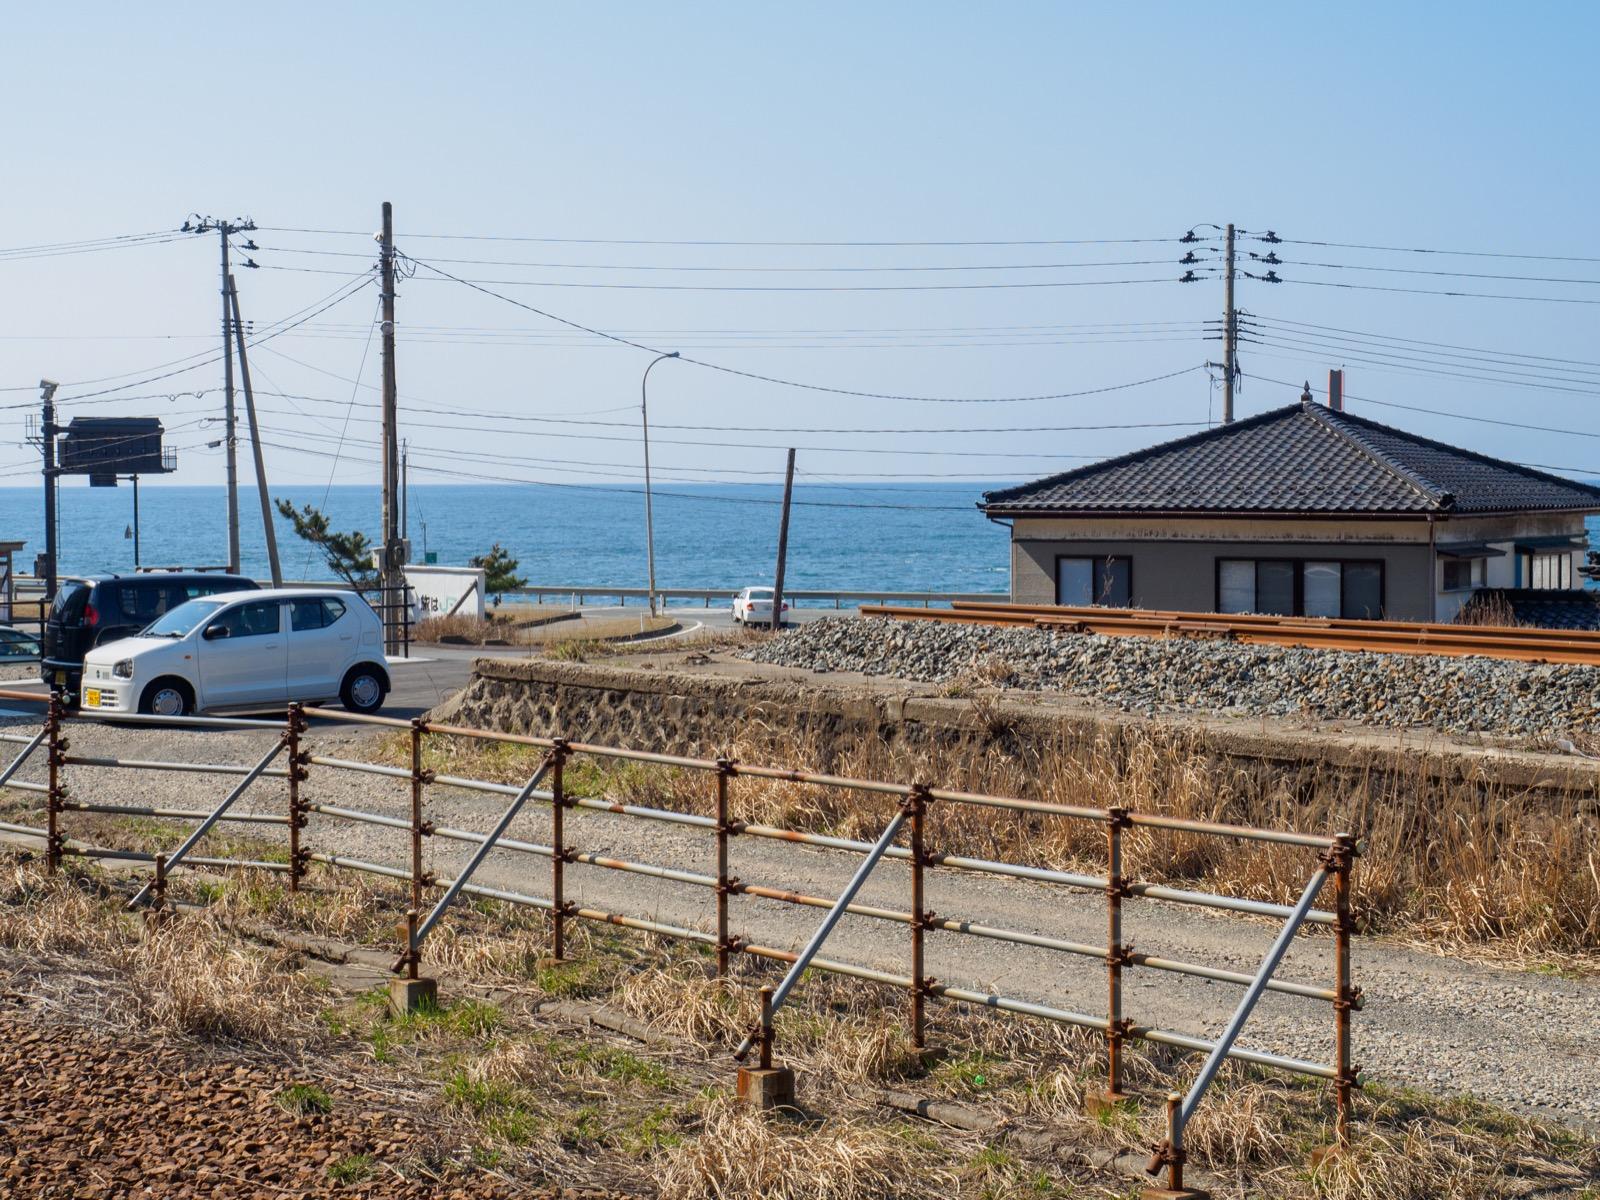 五十川駅の旧ホーム跡と日本海